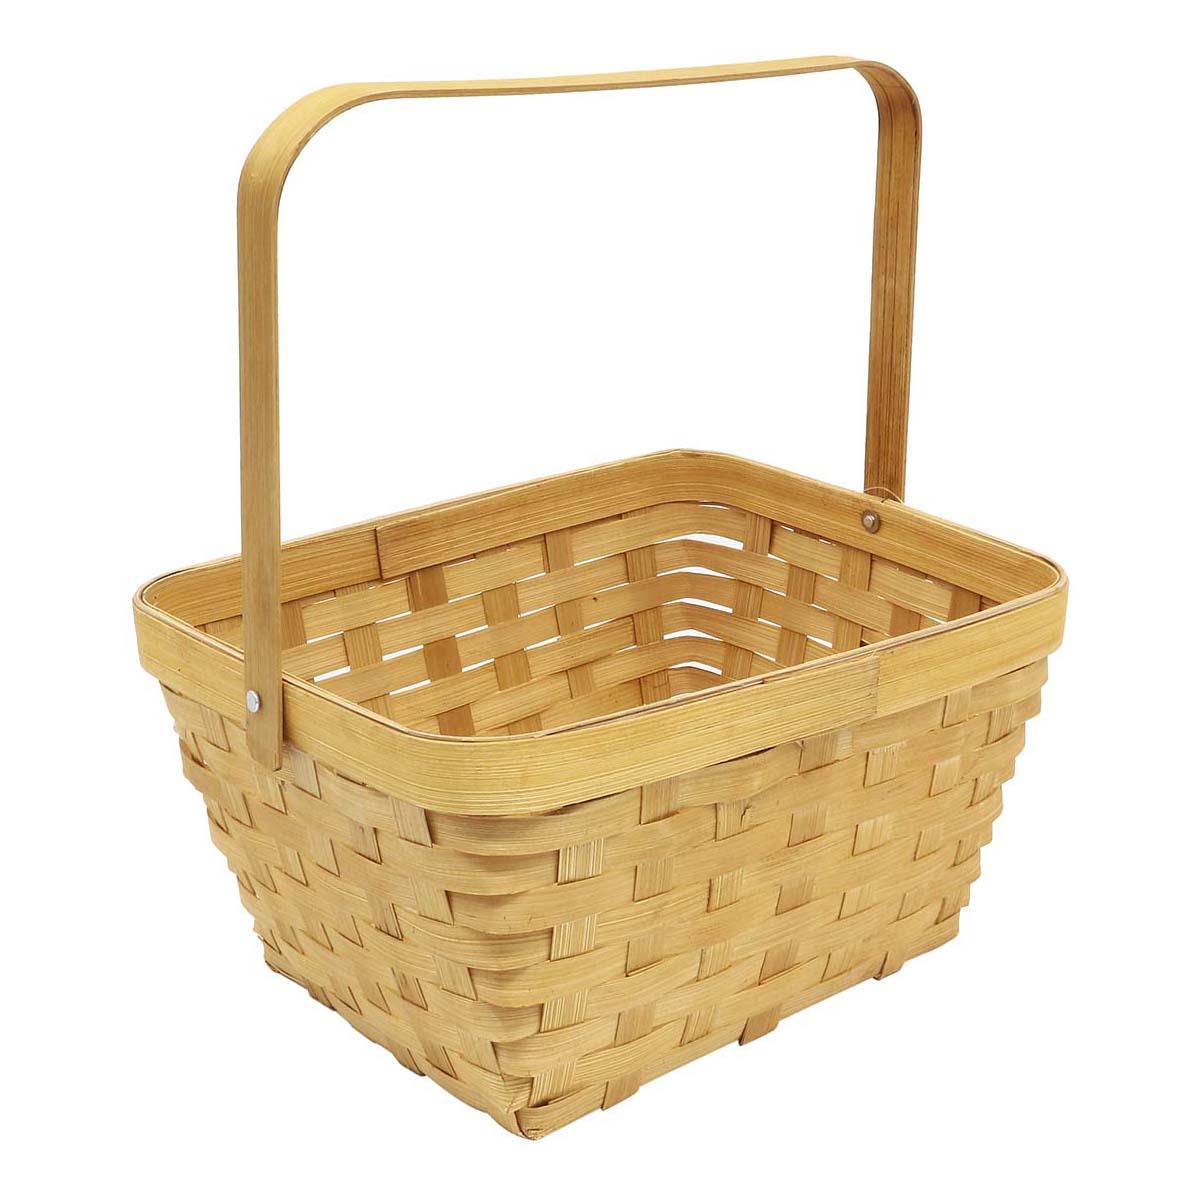 19HJ19074 Корзина плетеная бамбук 23*18,5*11,5*Н25,5см, цв. медово-коричневый Астра